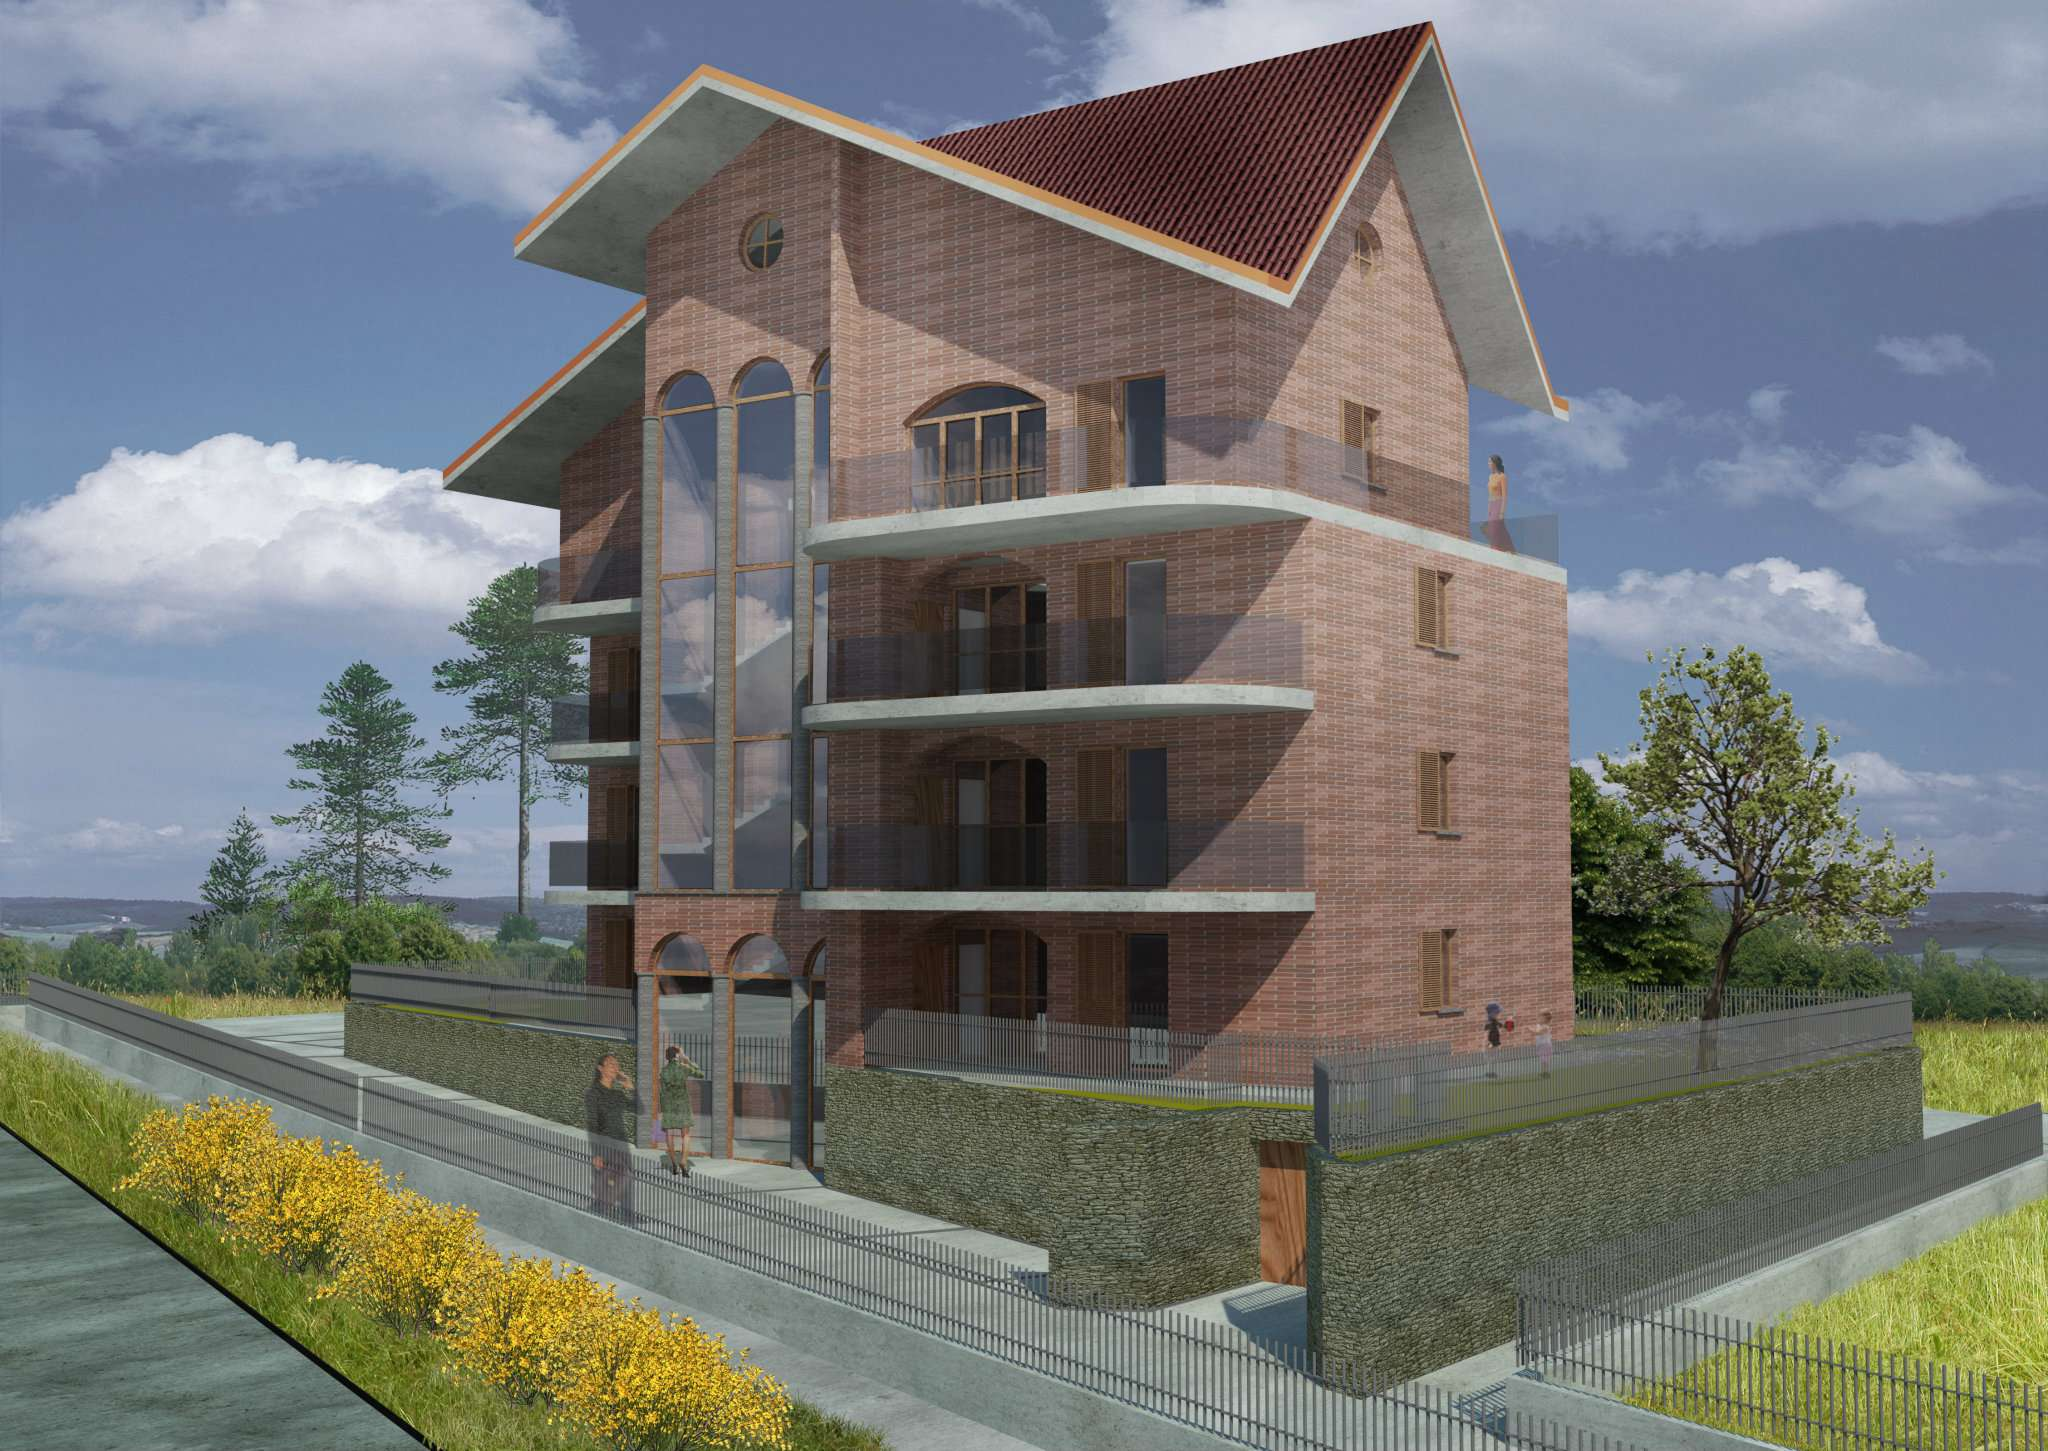 Casa rivoli appartamenti e case in vendita a rivoli for Case in vendita rivoli